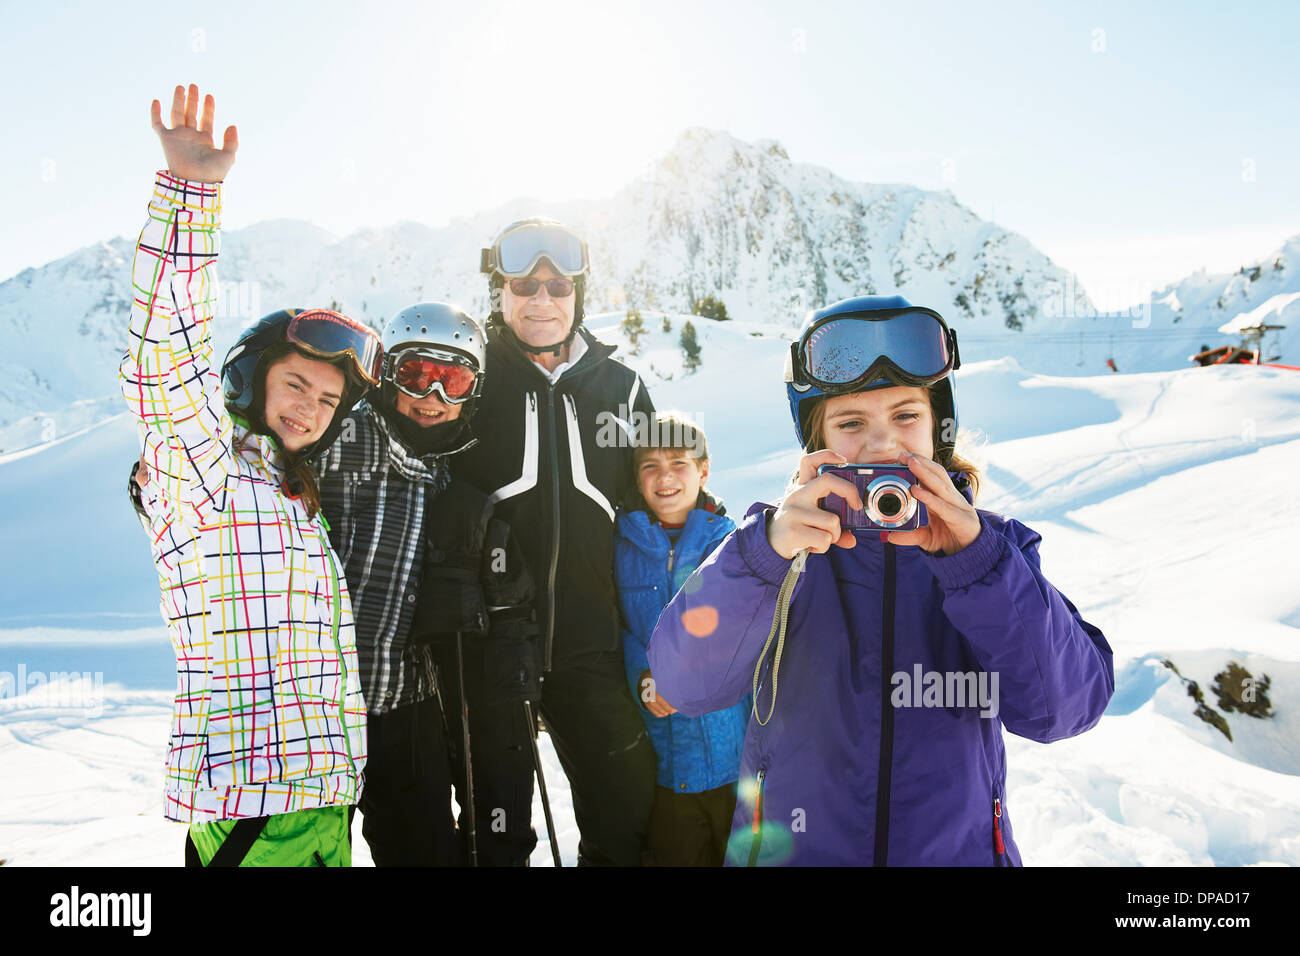 Ritratto di famiglia sci, Les Arcs, Alta Savoia, Francia Immagini Stock